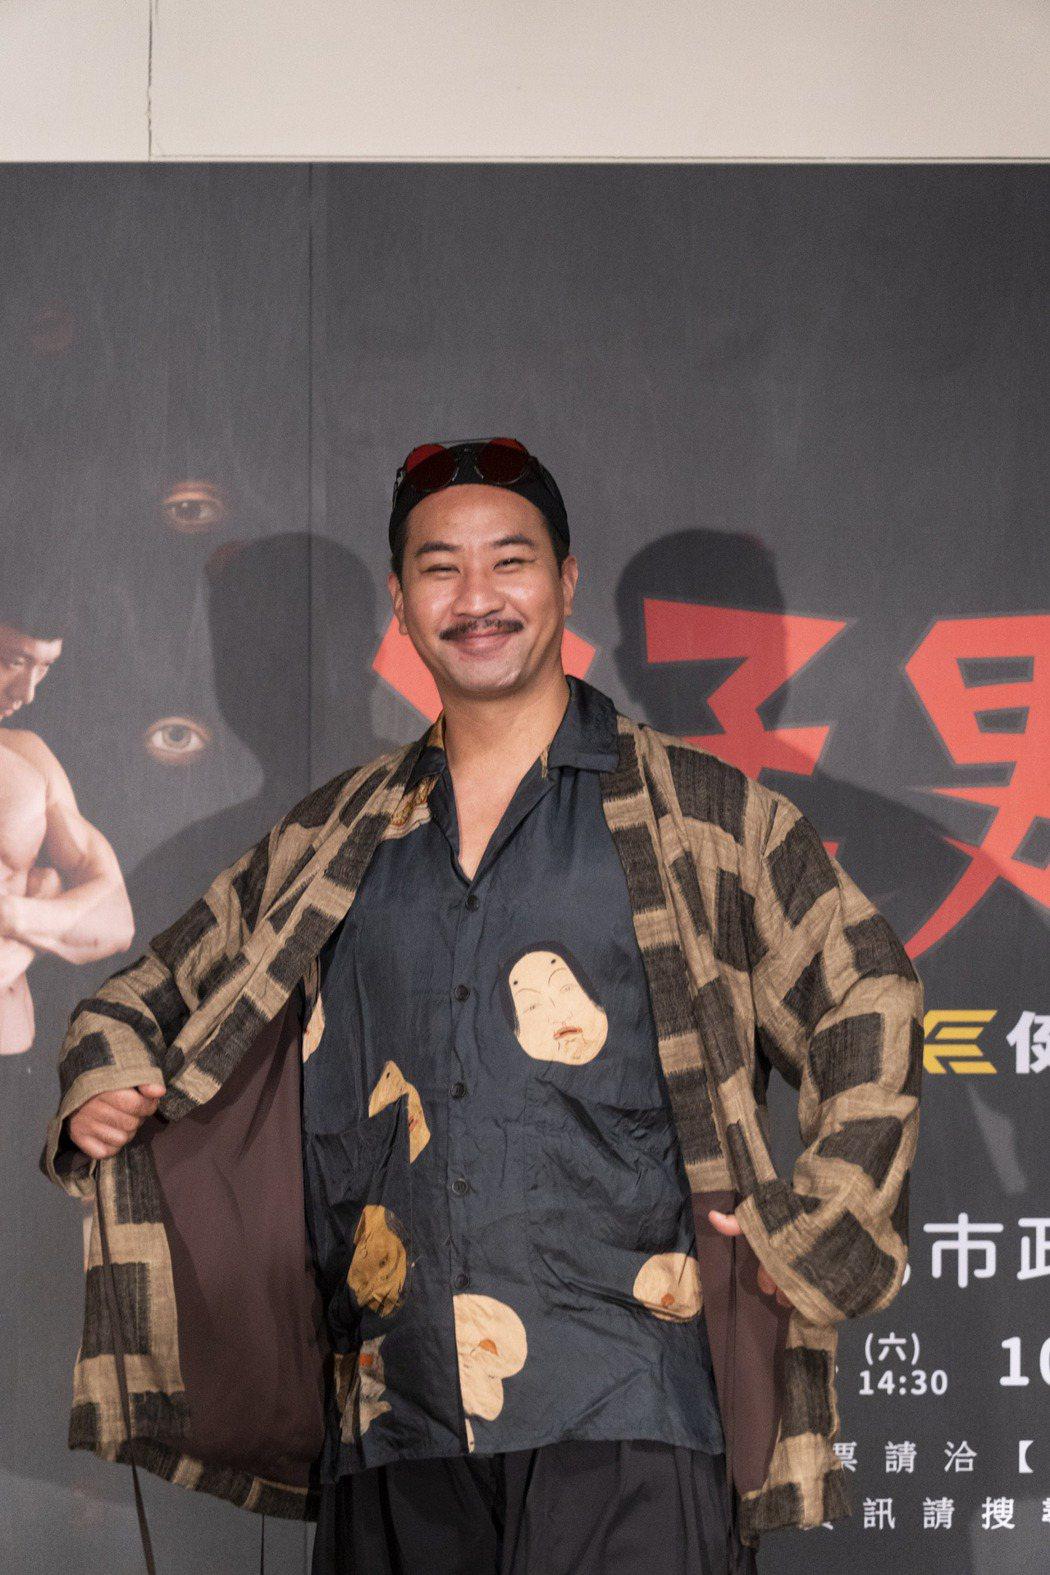 黃健瑋演出舞台劇「猛男地獄」。圖/眼球愛地球劇團提供